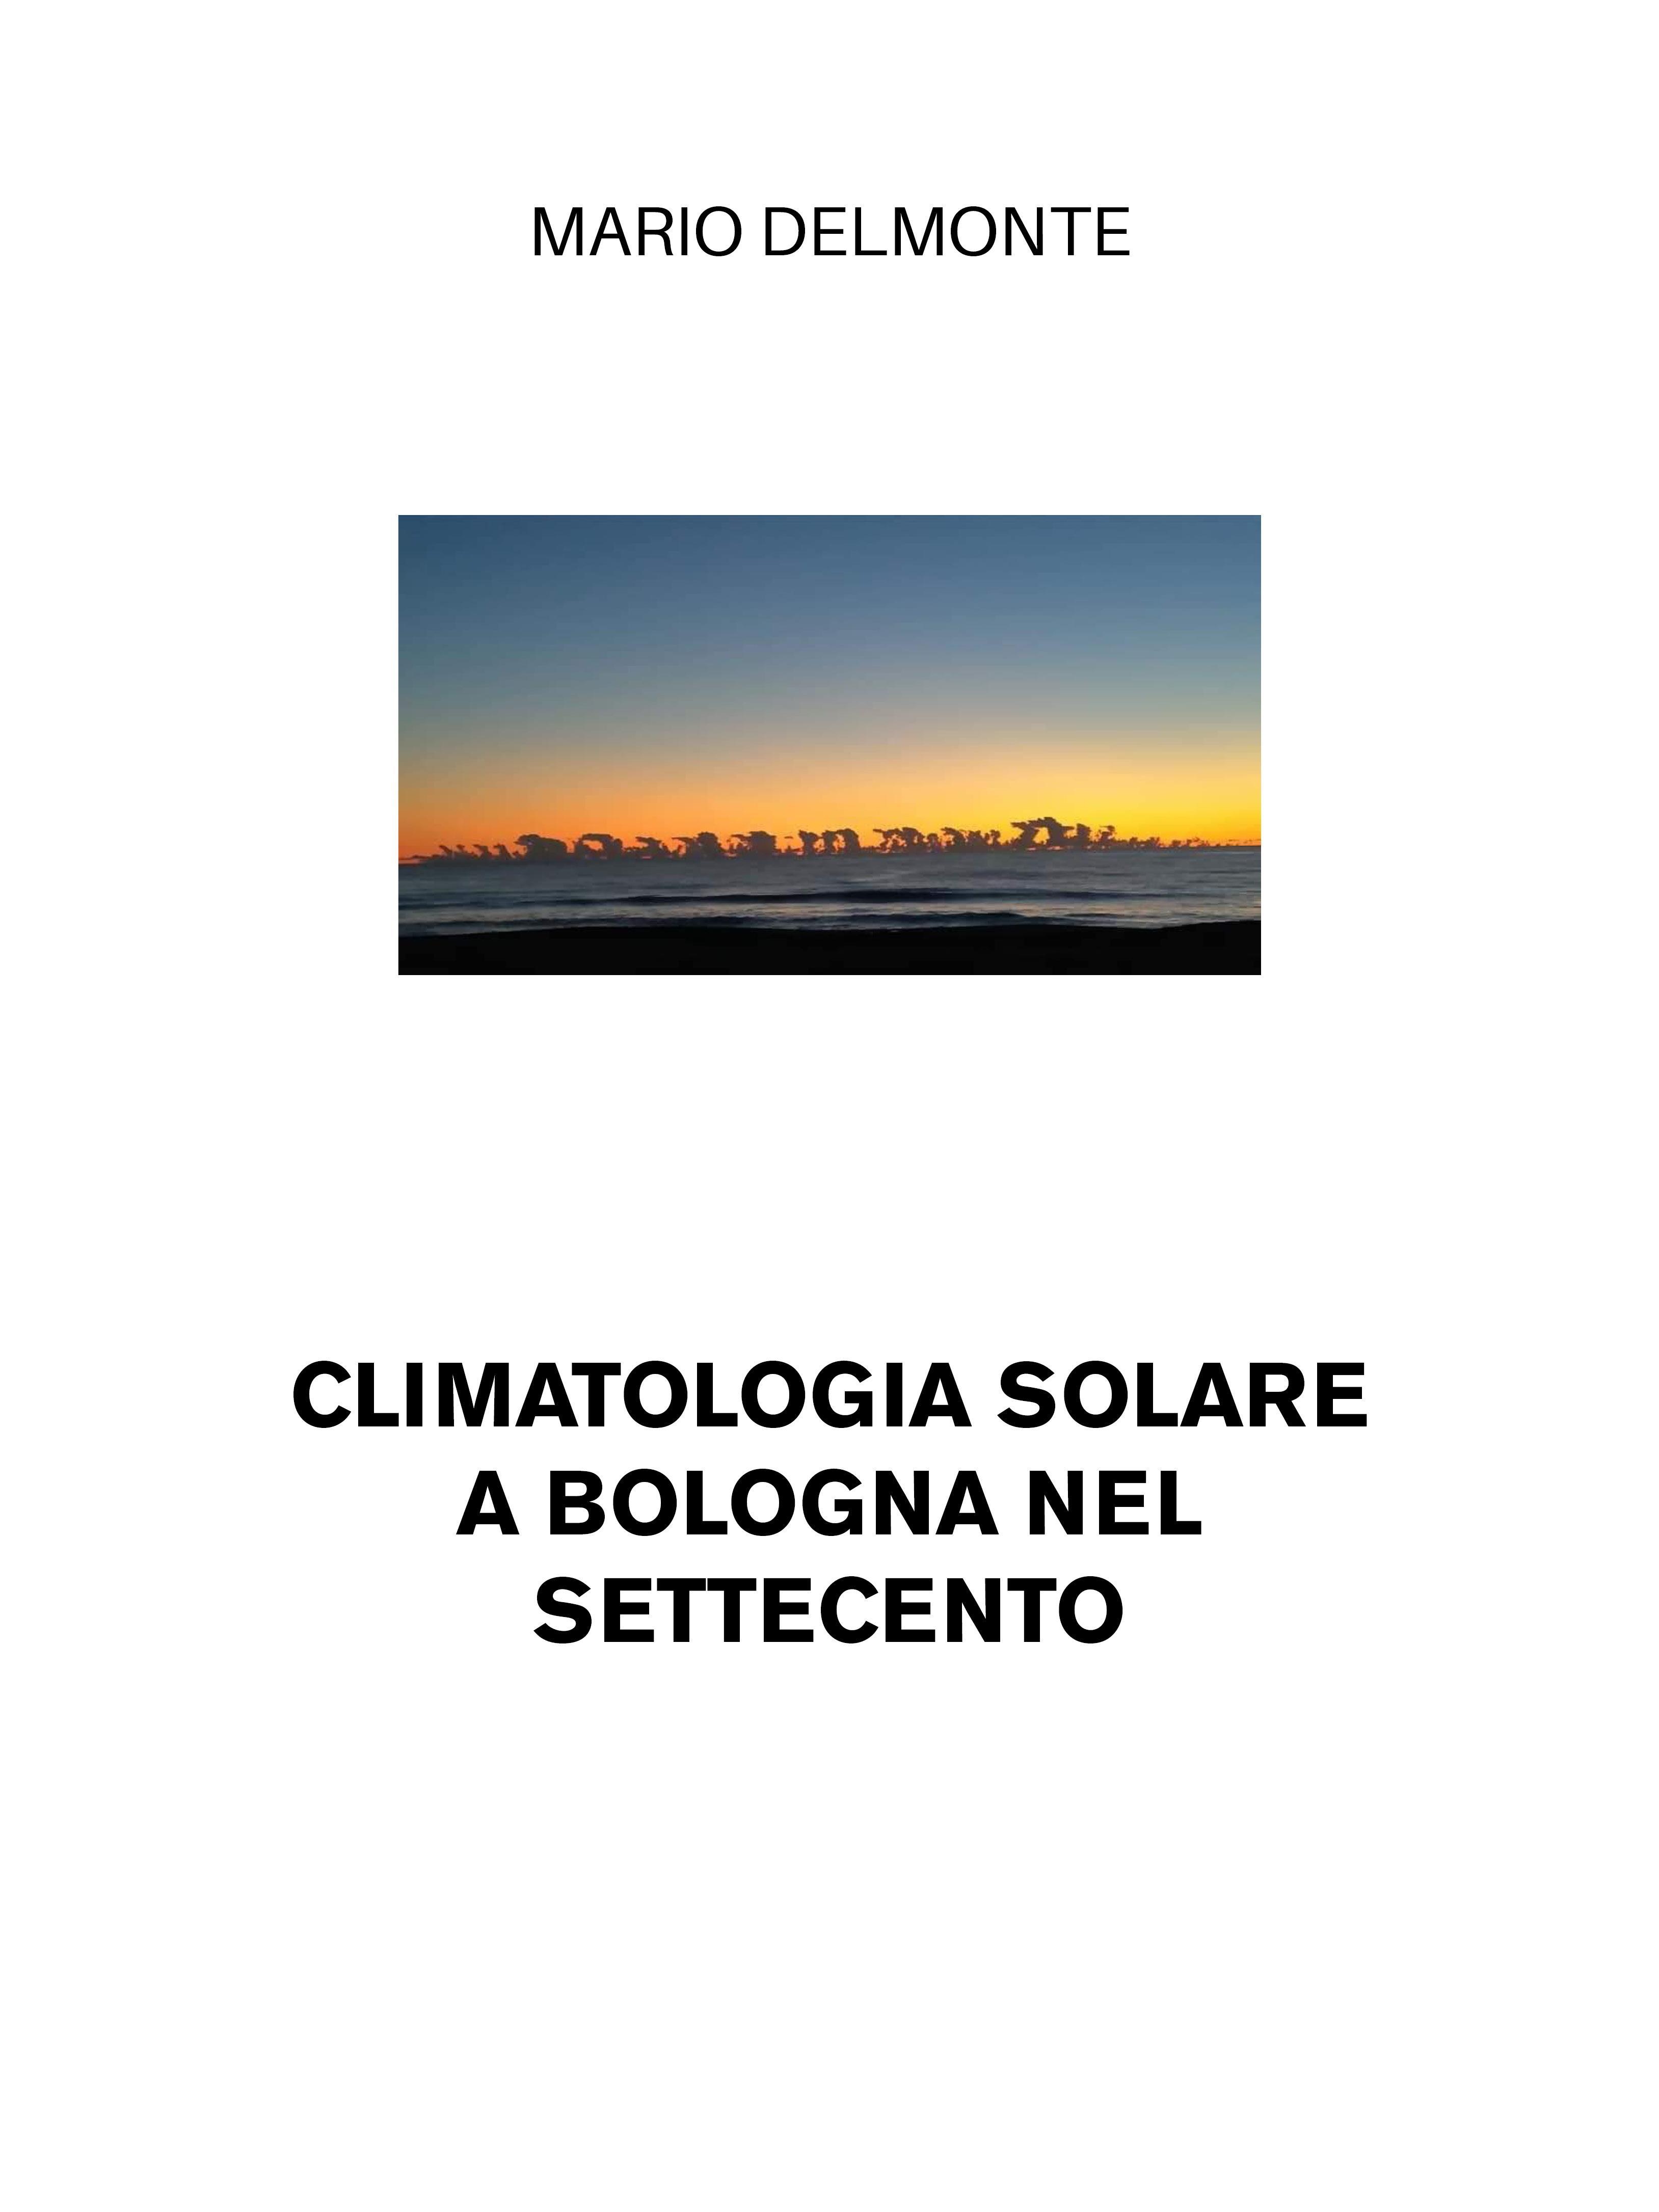 Climatologia solare a Bologna nel Settecento